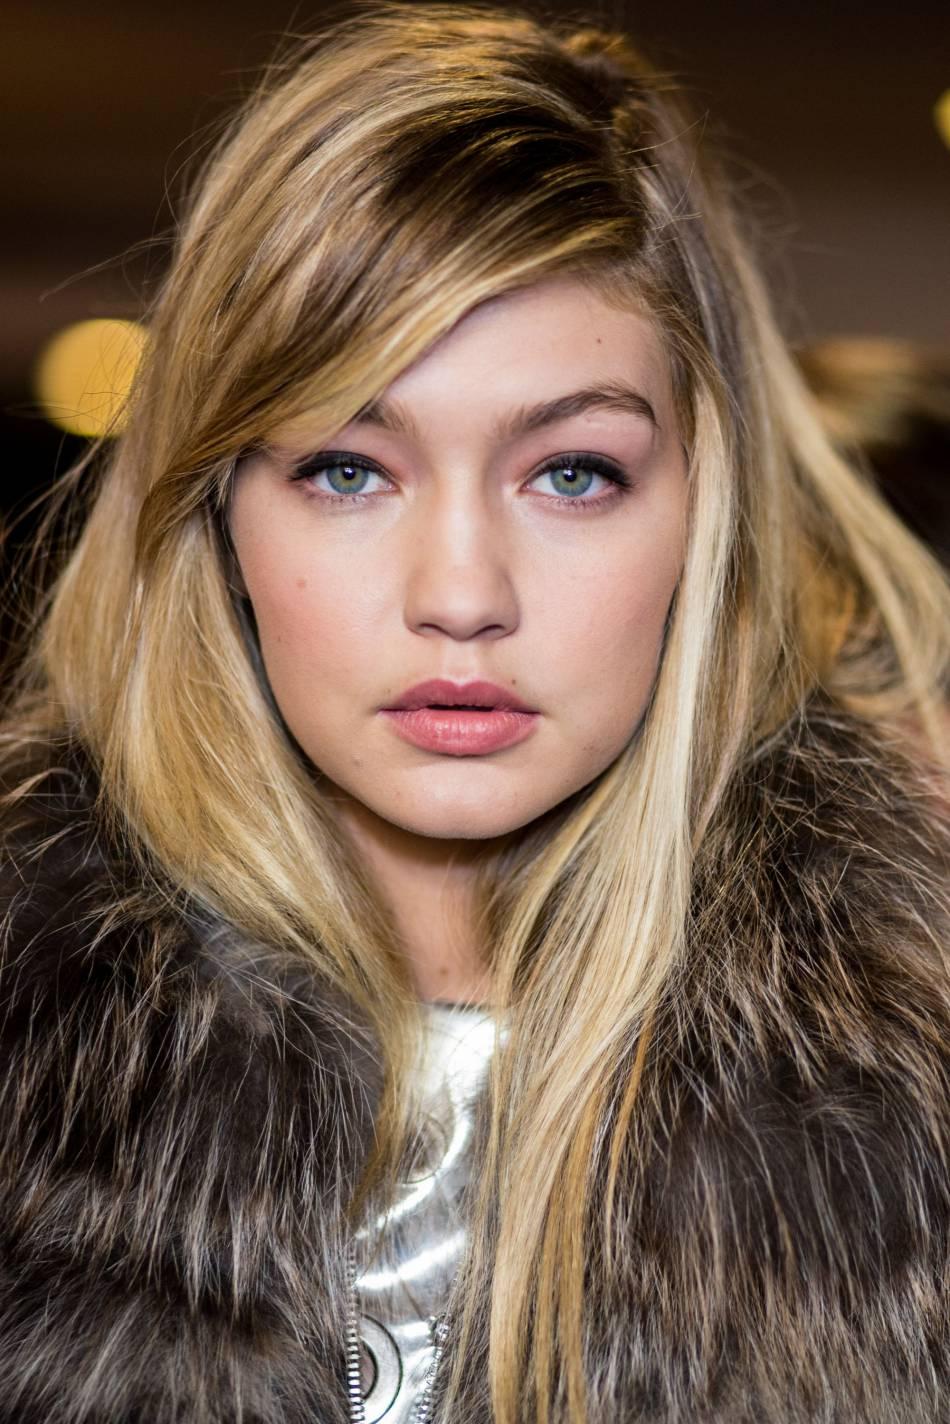 Tendance : les 10 coupes de cheveux les plus canons de l'hiver 2015